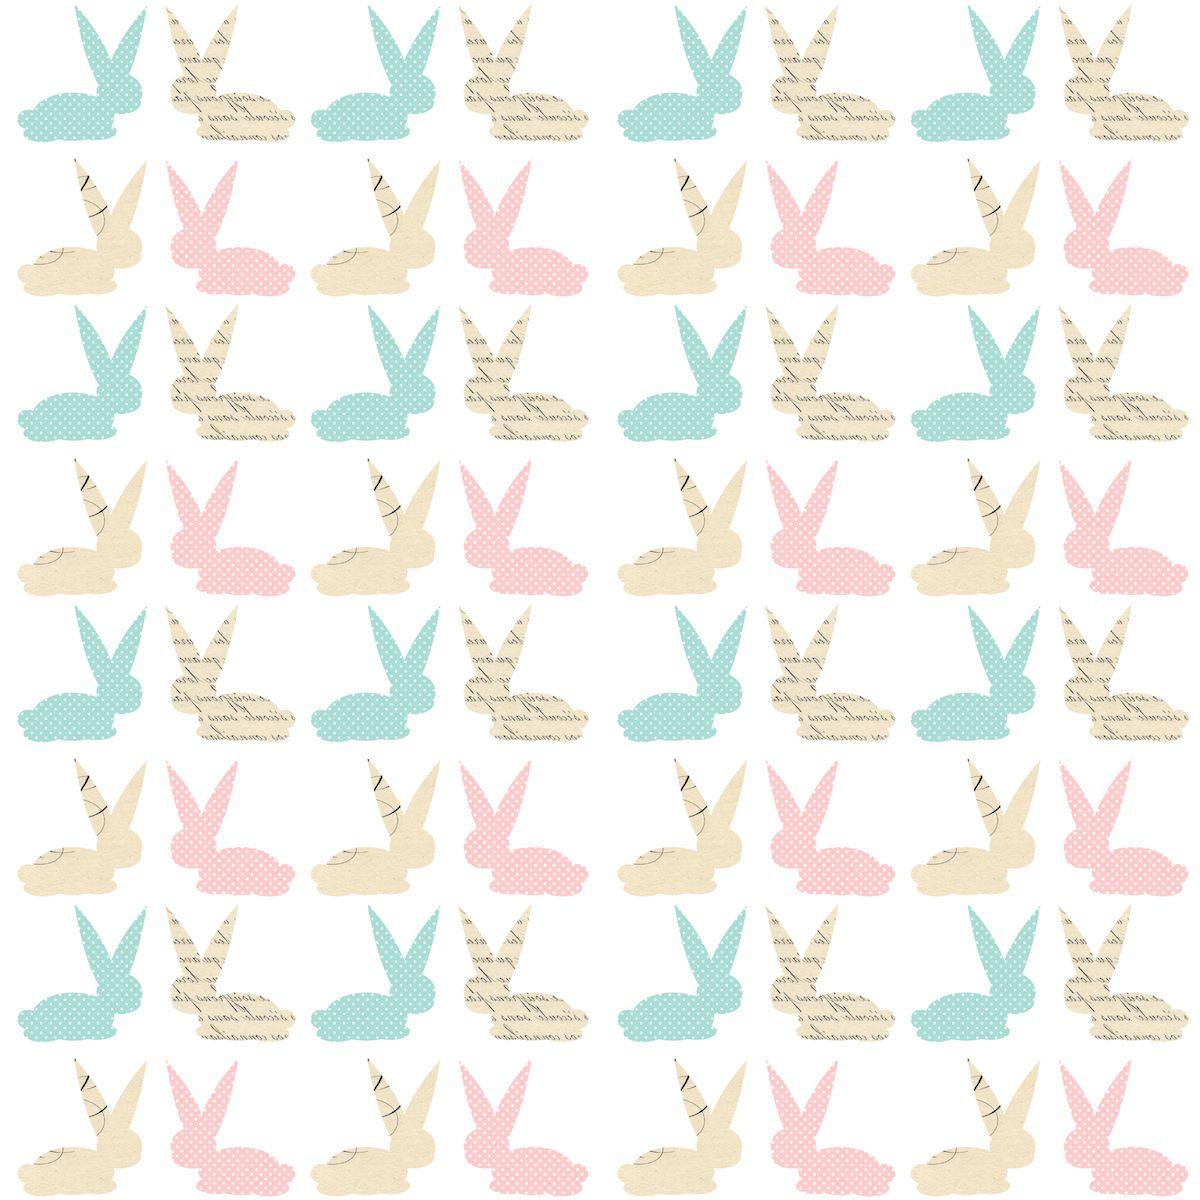 Scrapbook paper baby - Meinlilapark Diy Printables And Downloads Free Digital Bunny Scrapbooking Paper Ausdruckbares Geschenkpapier